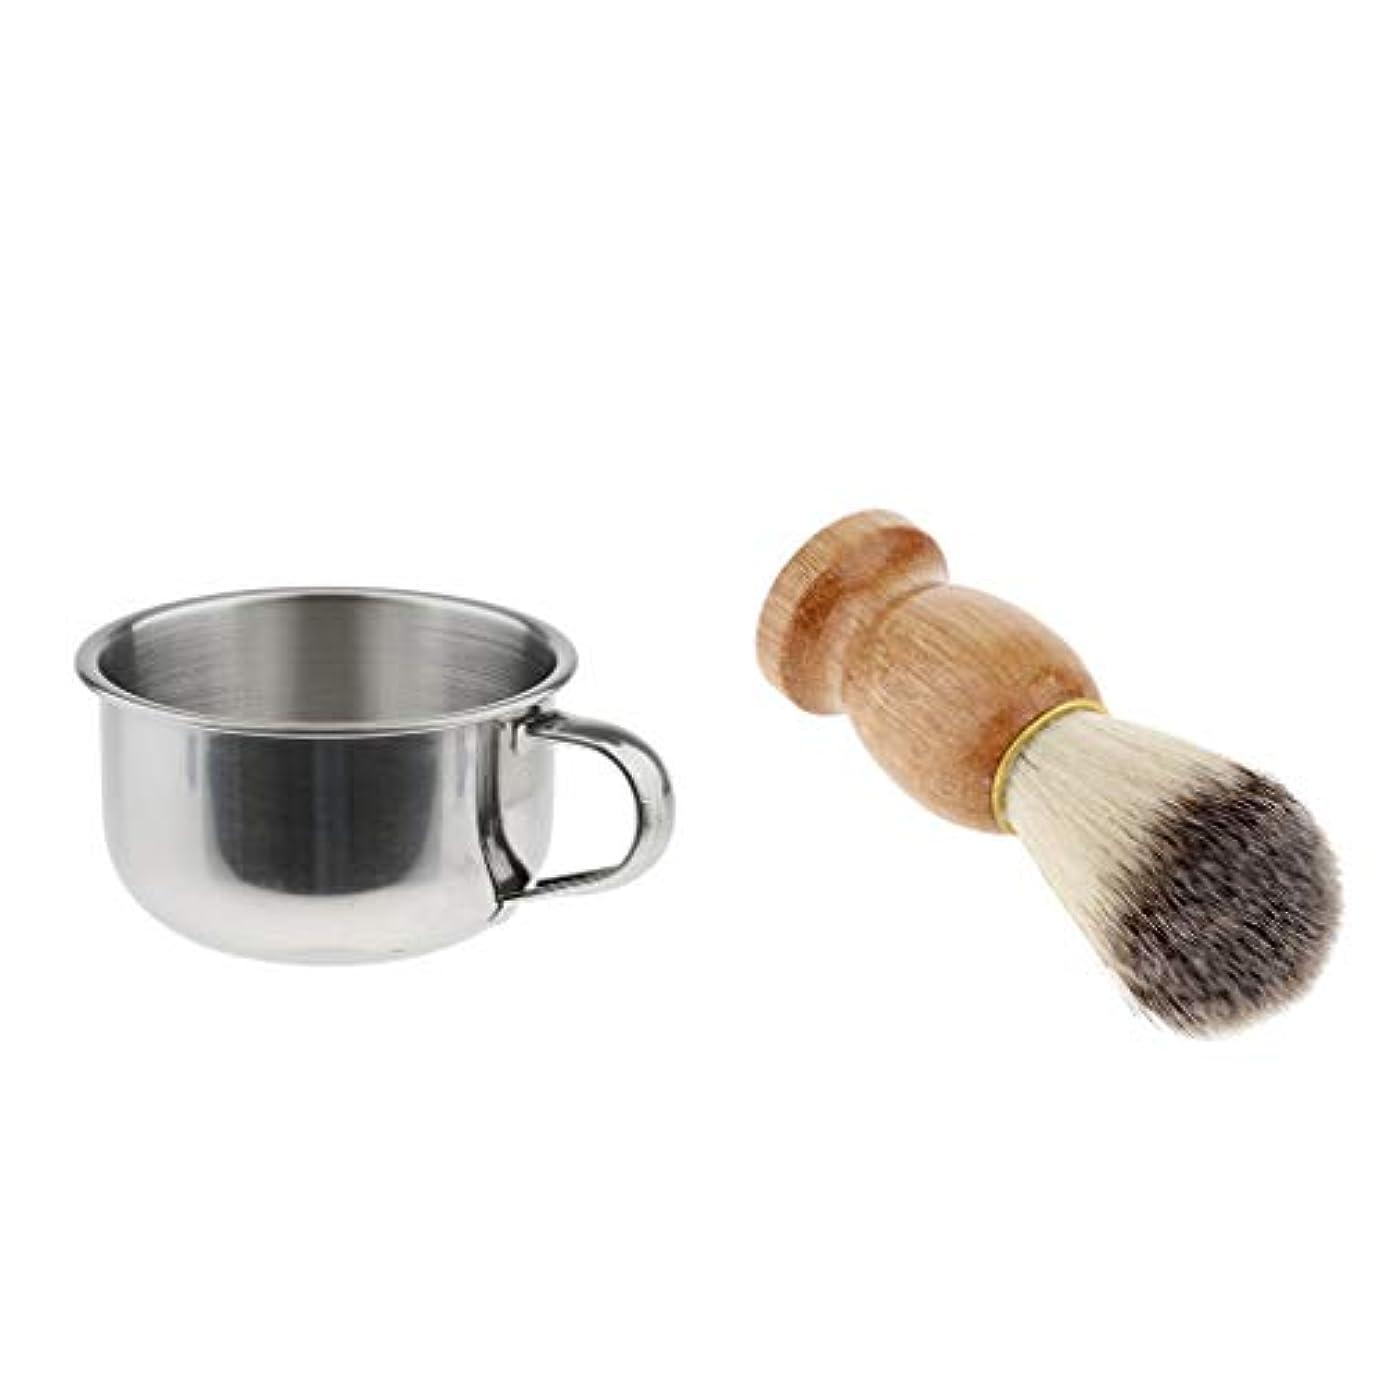 一定感じるこのdailymall メンズシェービングブラシ+マグボウルセット、美容院の理髪ひげ石鹸カップ、パーソナルケア